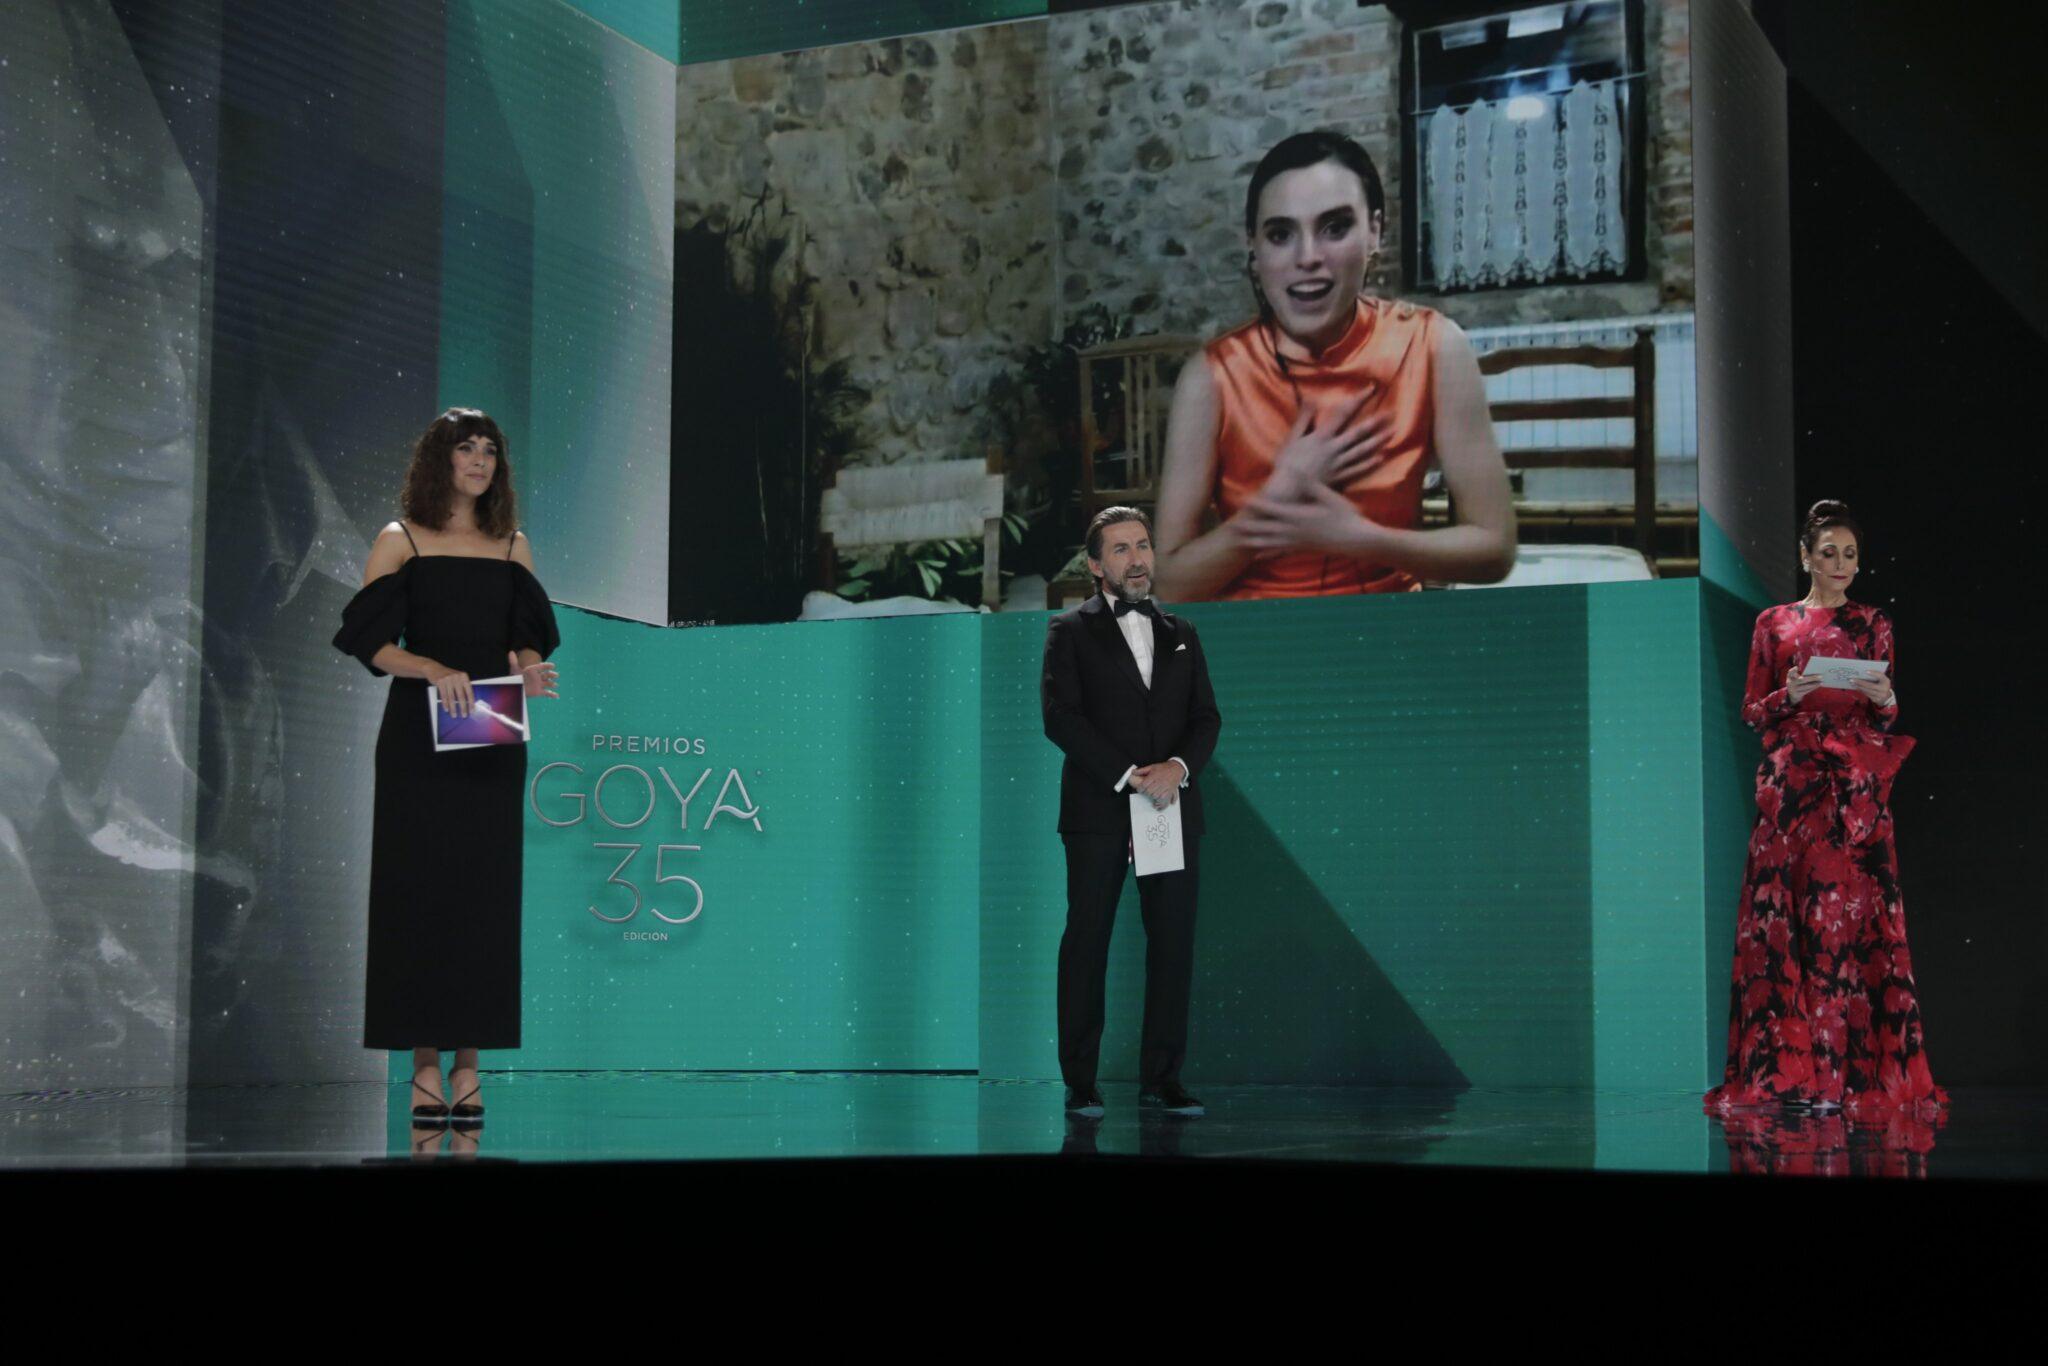 Momento en que Laspiur agradece a distancia el premio a quienes la han apoyado. Foto: Premios Goya